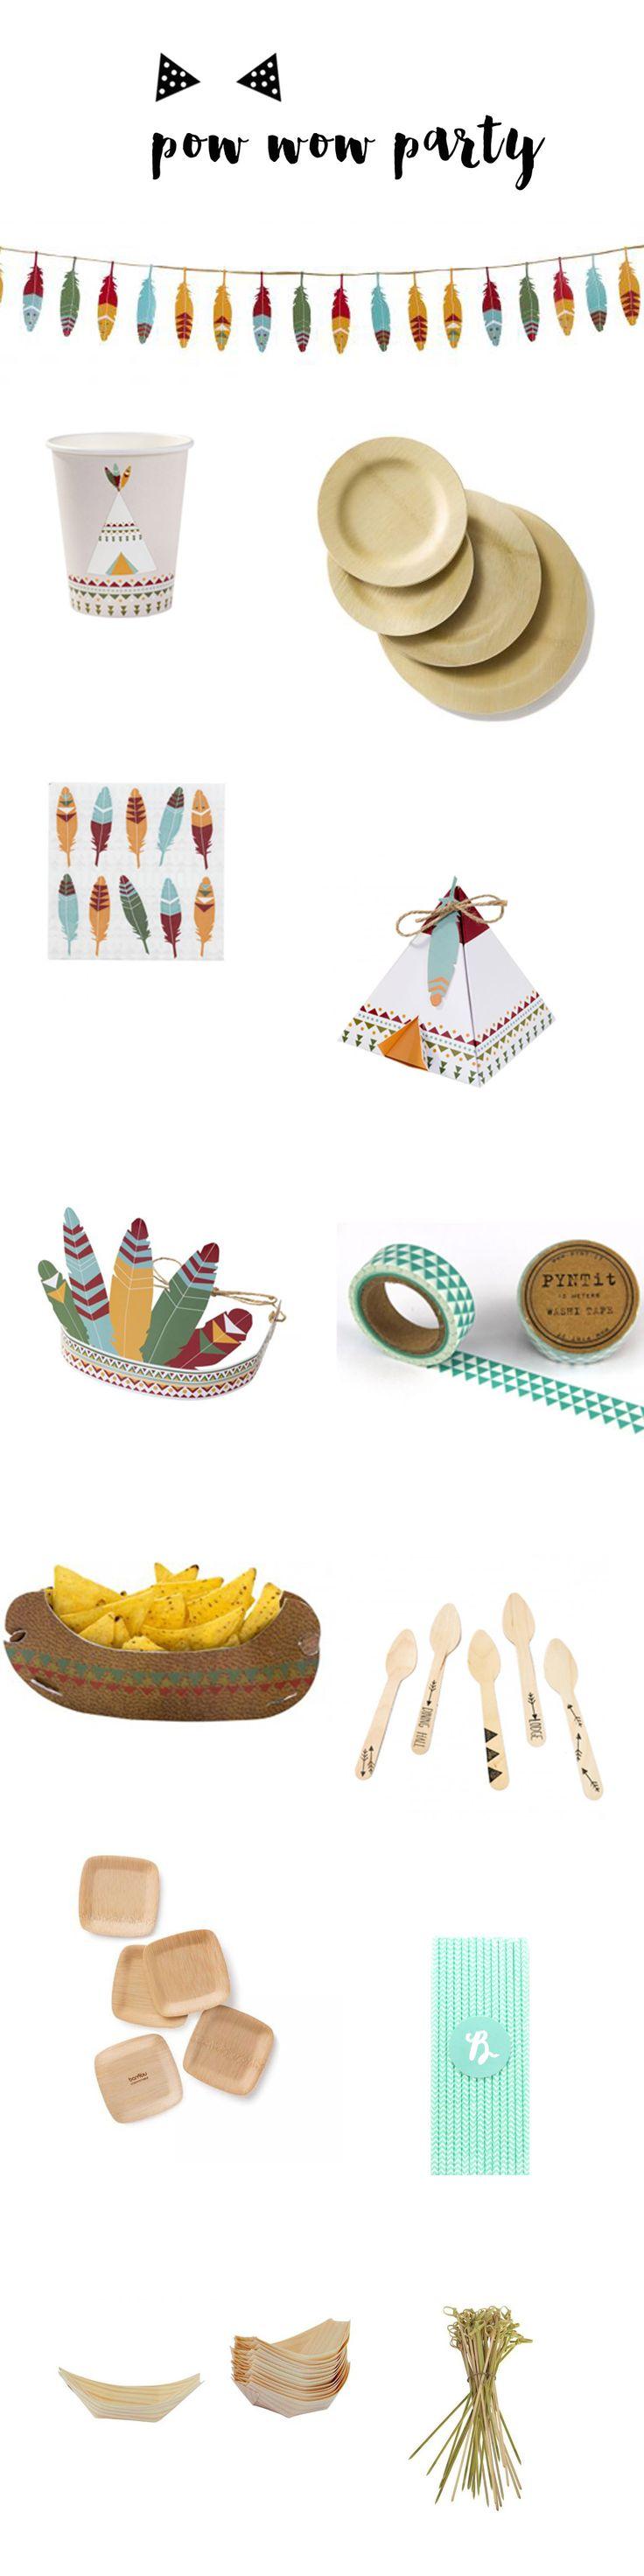 Toute la décoration et les accessoires de table  pour un anniversaire sur le thème des indiens à retrouver sur www.rosecaramelle.fr   #indien #powwow #birthday #anniversaire #fete #tribal #boho #kids #deco #fete #enfants